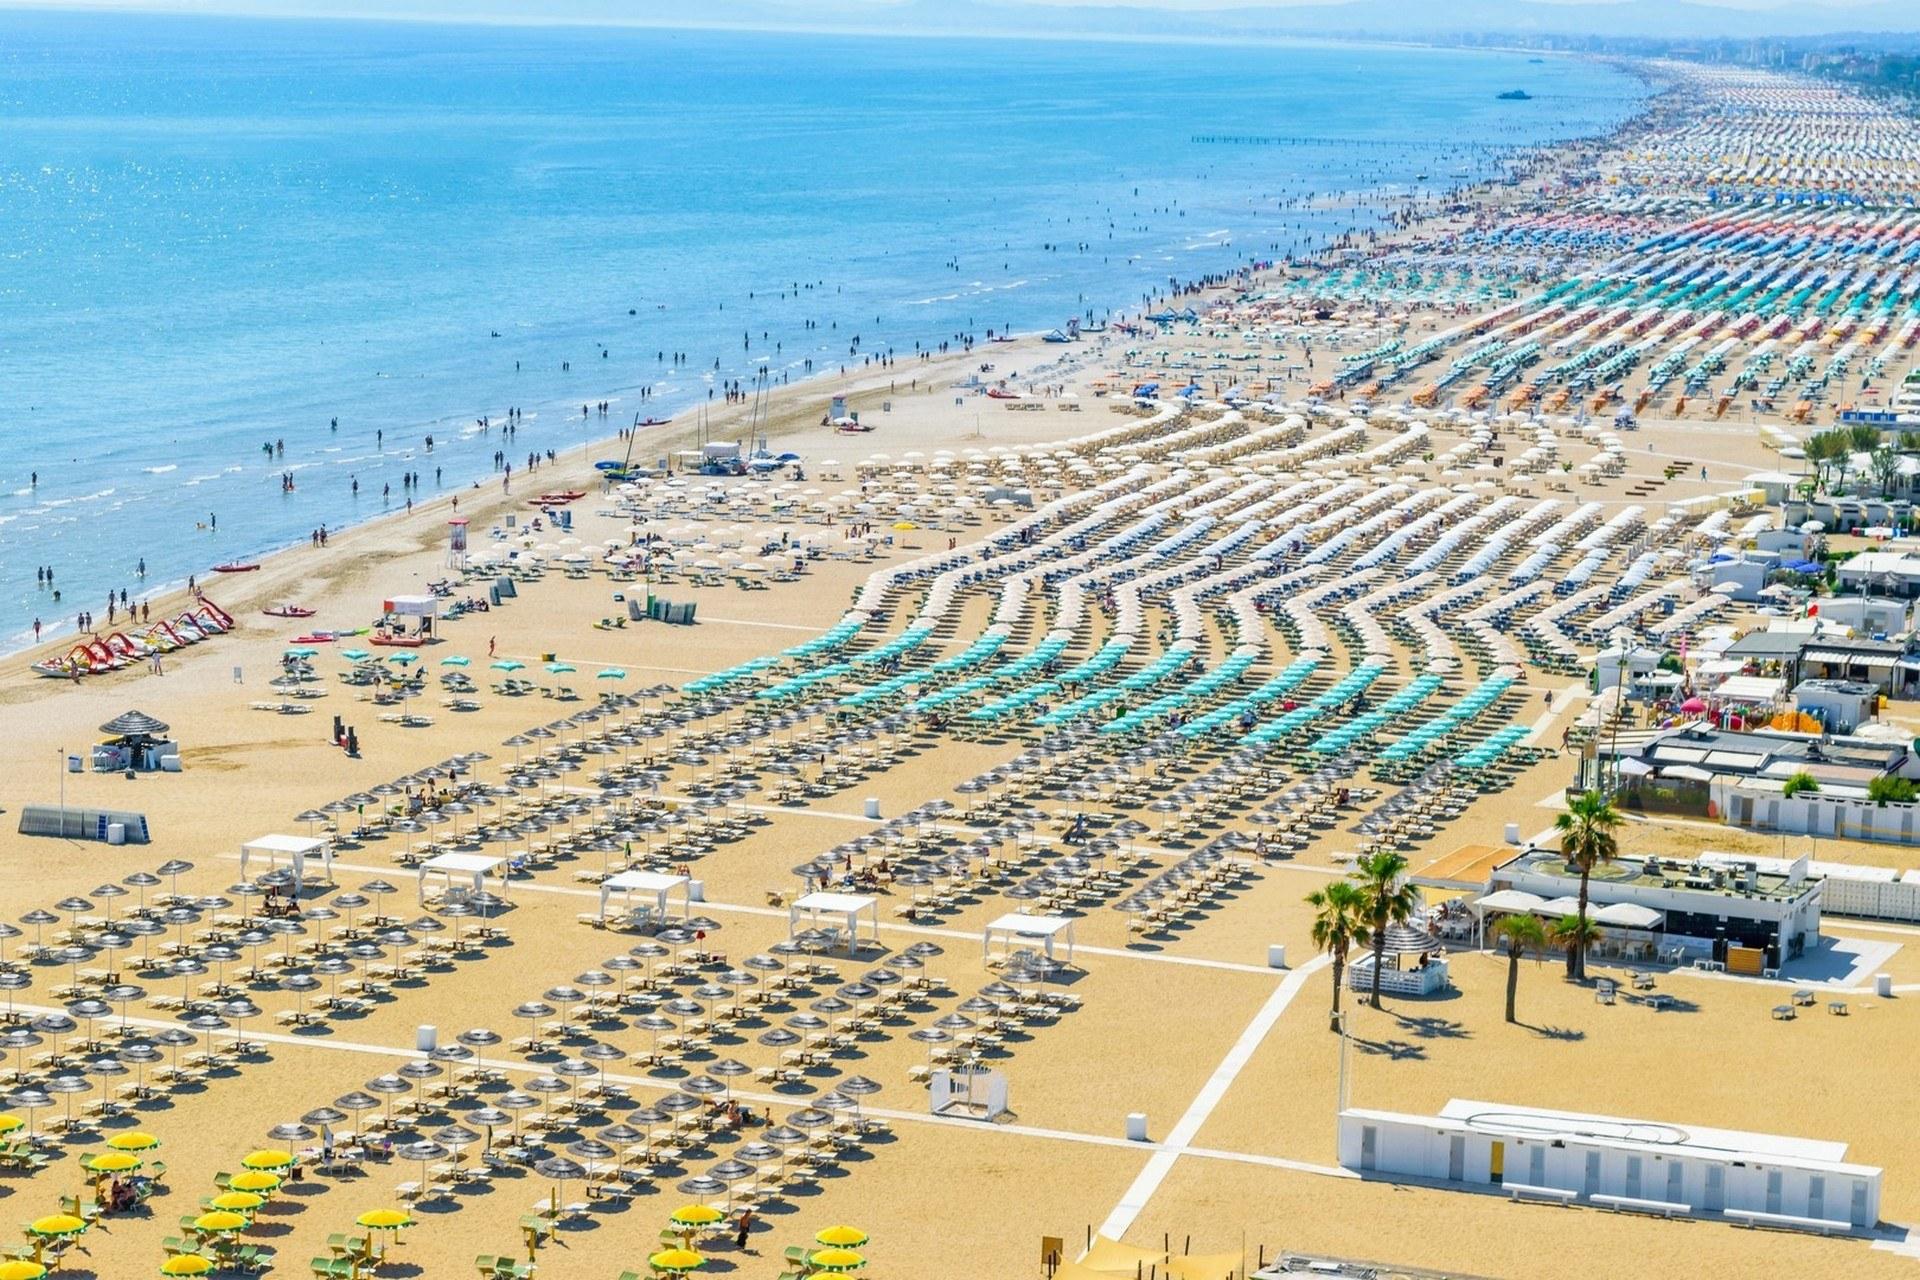 Le spiagge più belle della Riviera Romagnola